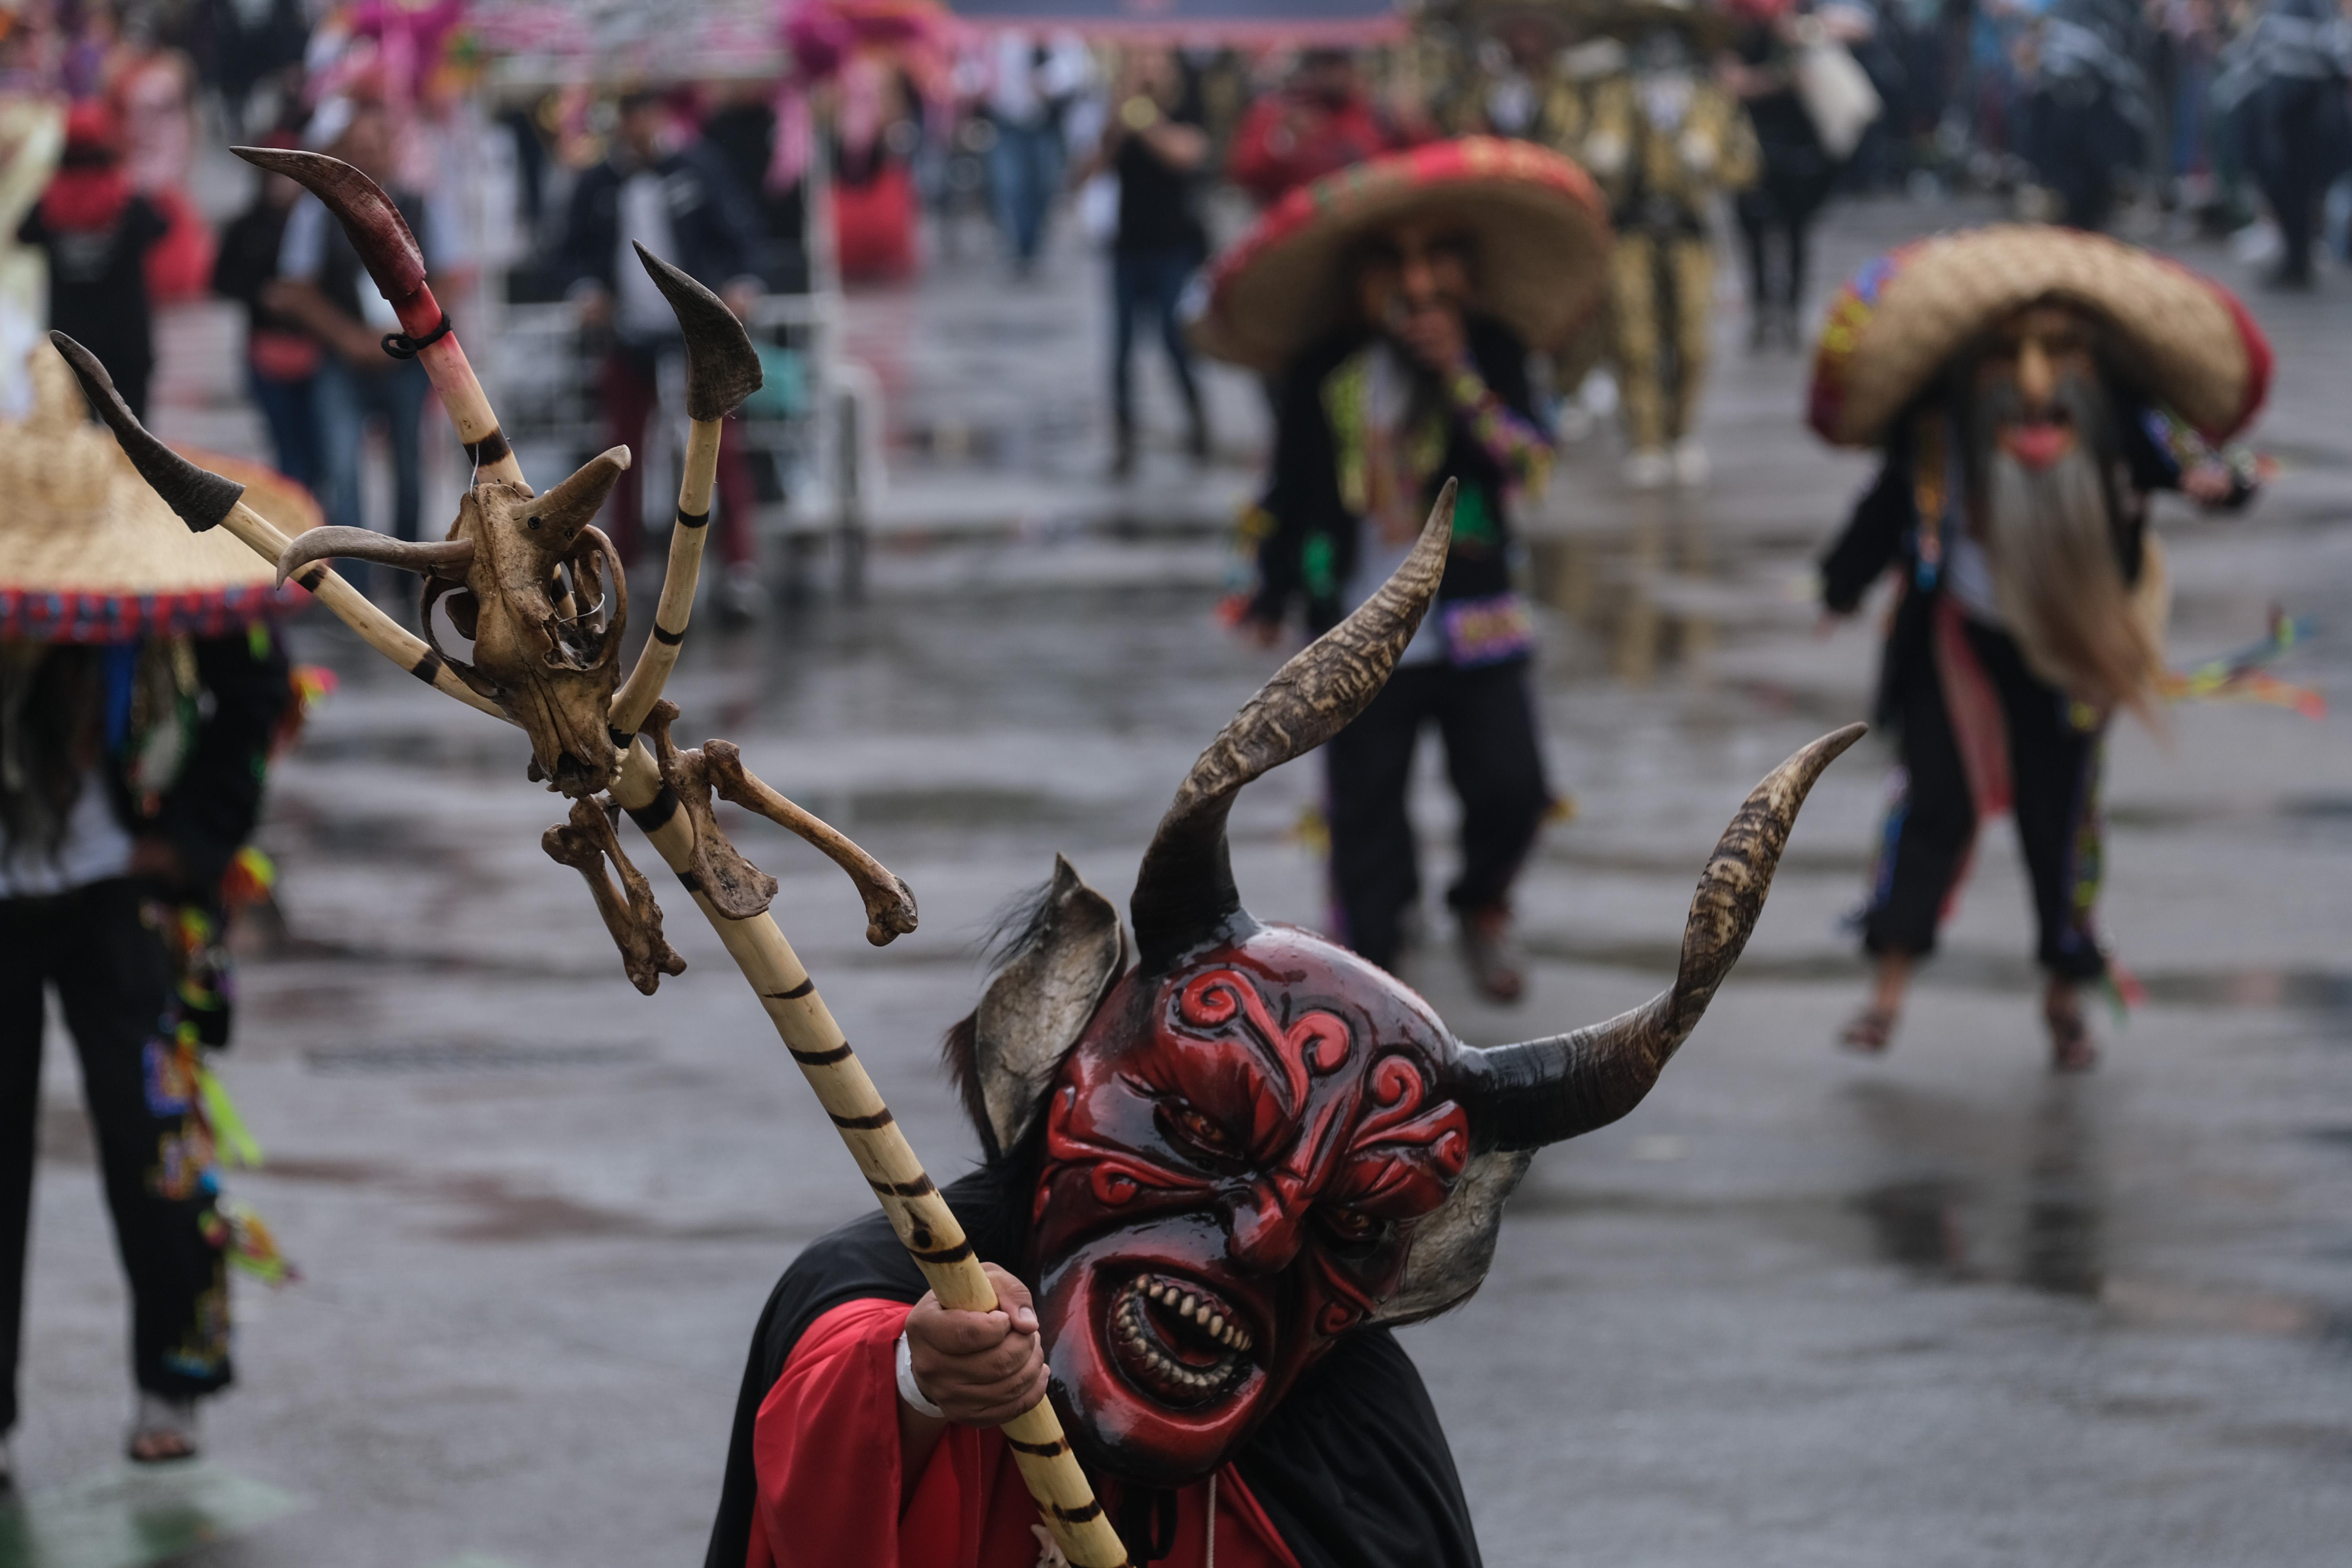 La máscara de un diablo amenazador (Foto: Graciela López/Cuartoscuro)